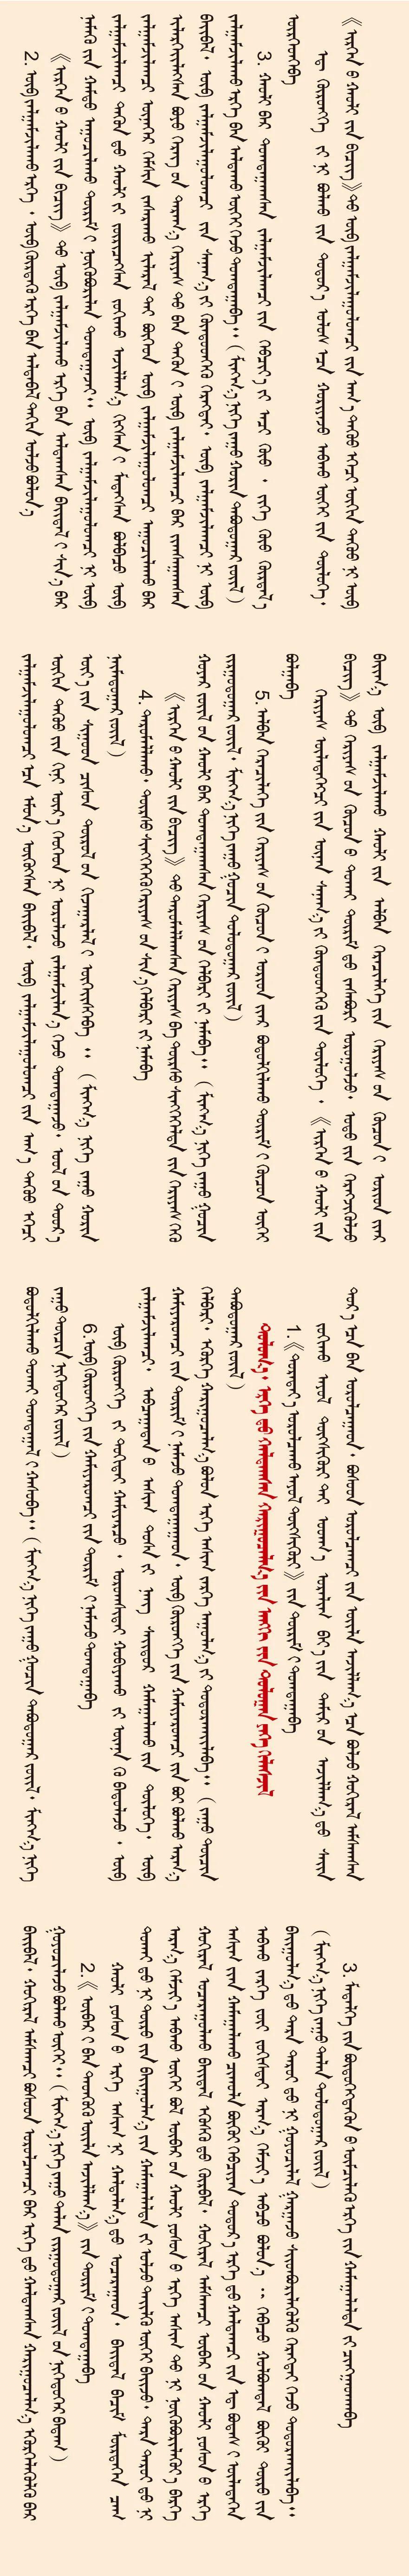 《民法典》49大亮点全梳理 第7张 《民法典》49大亮点全梳理 蒙古文库